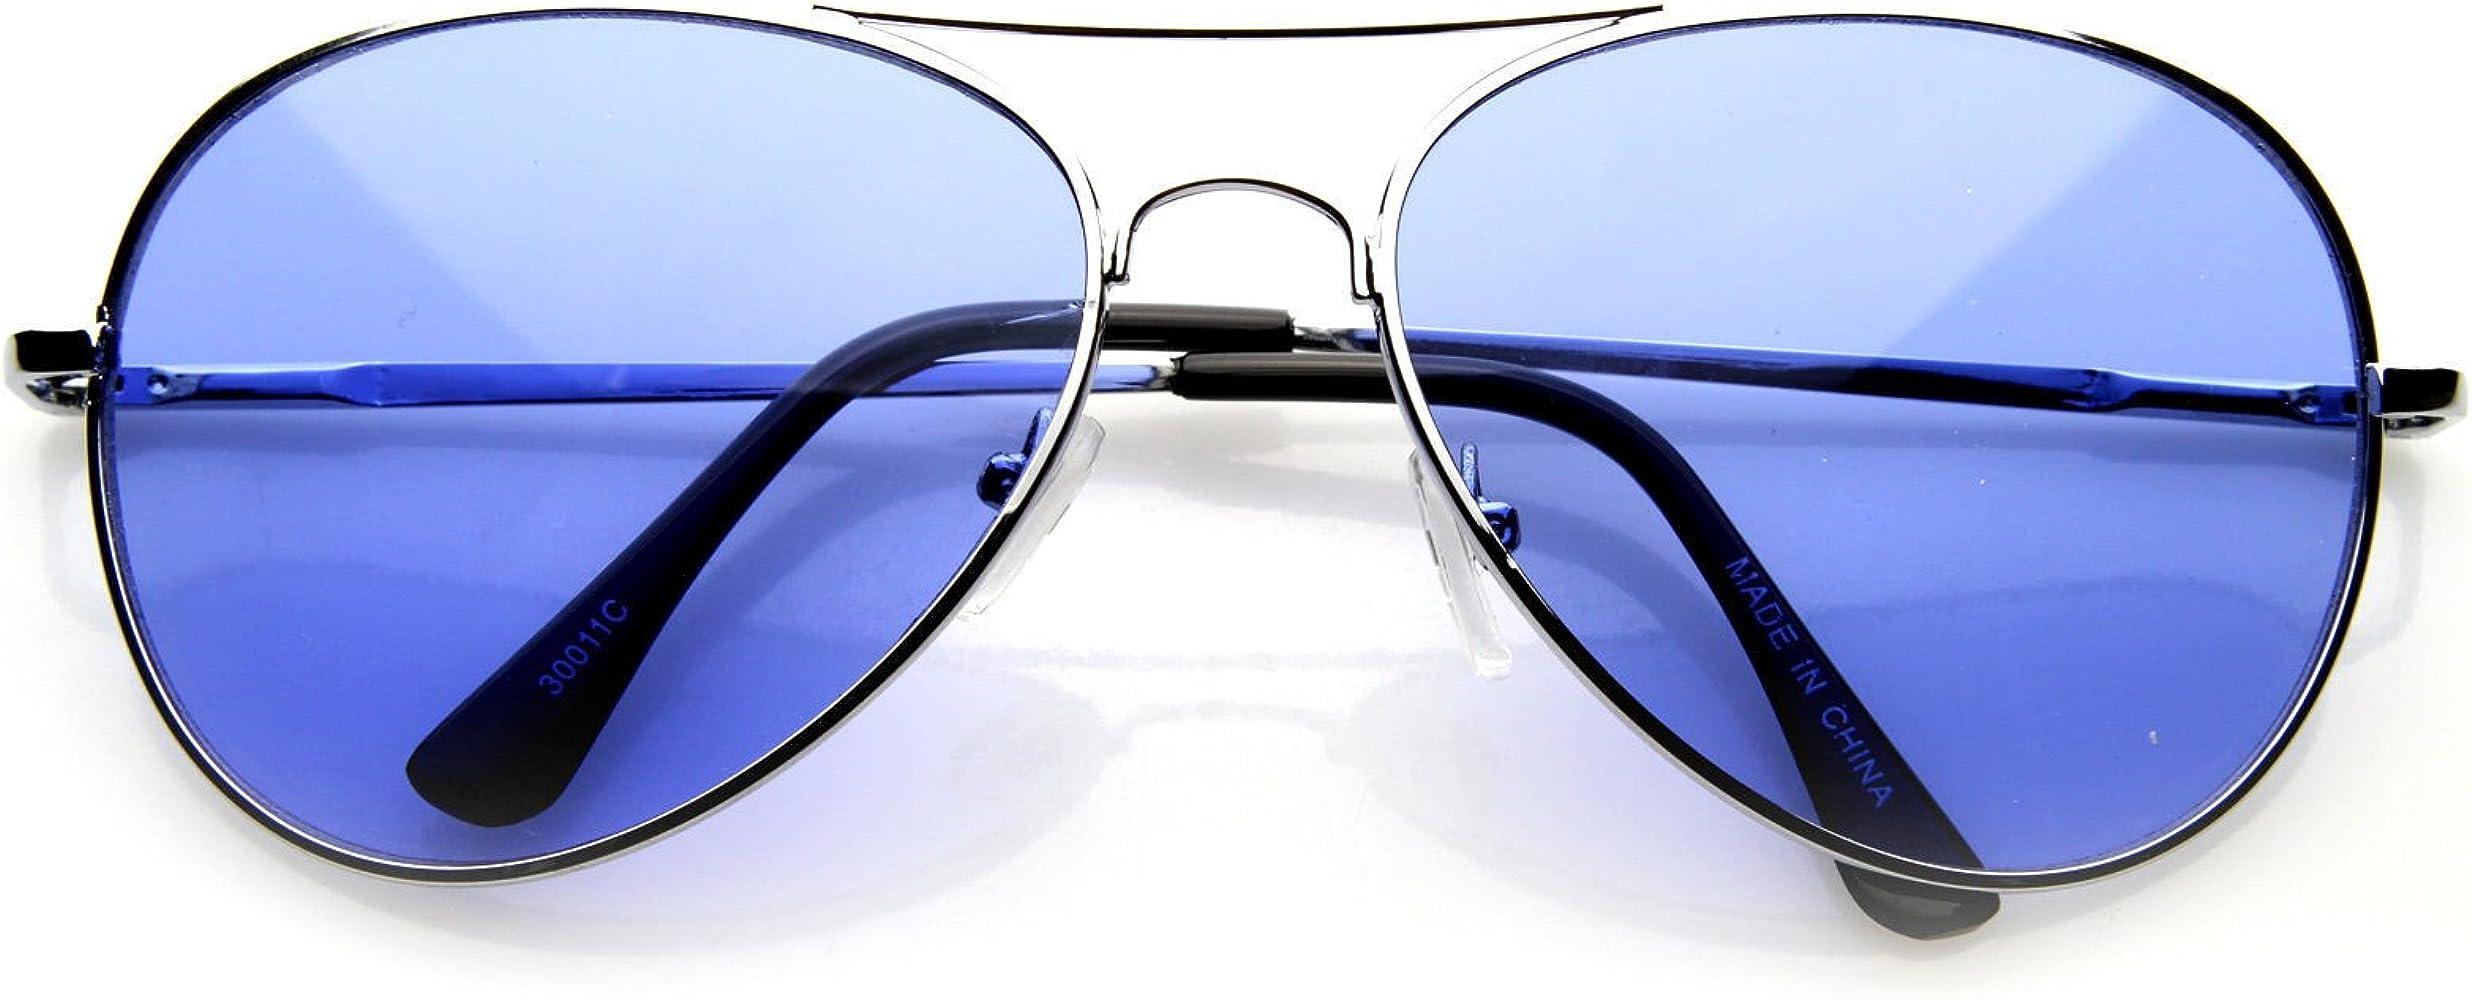 Amazon.com: Aviator anteojos de sol Marco de plata azul ...